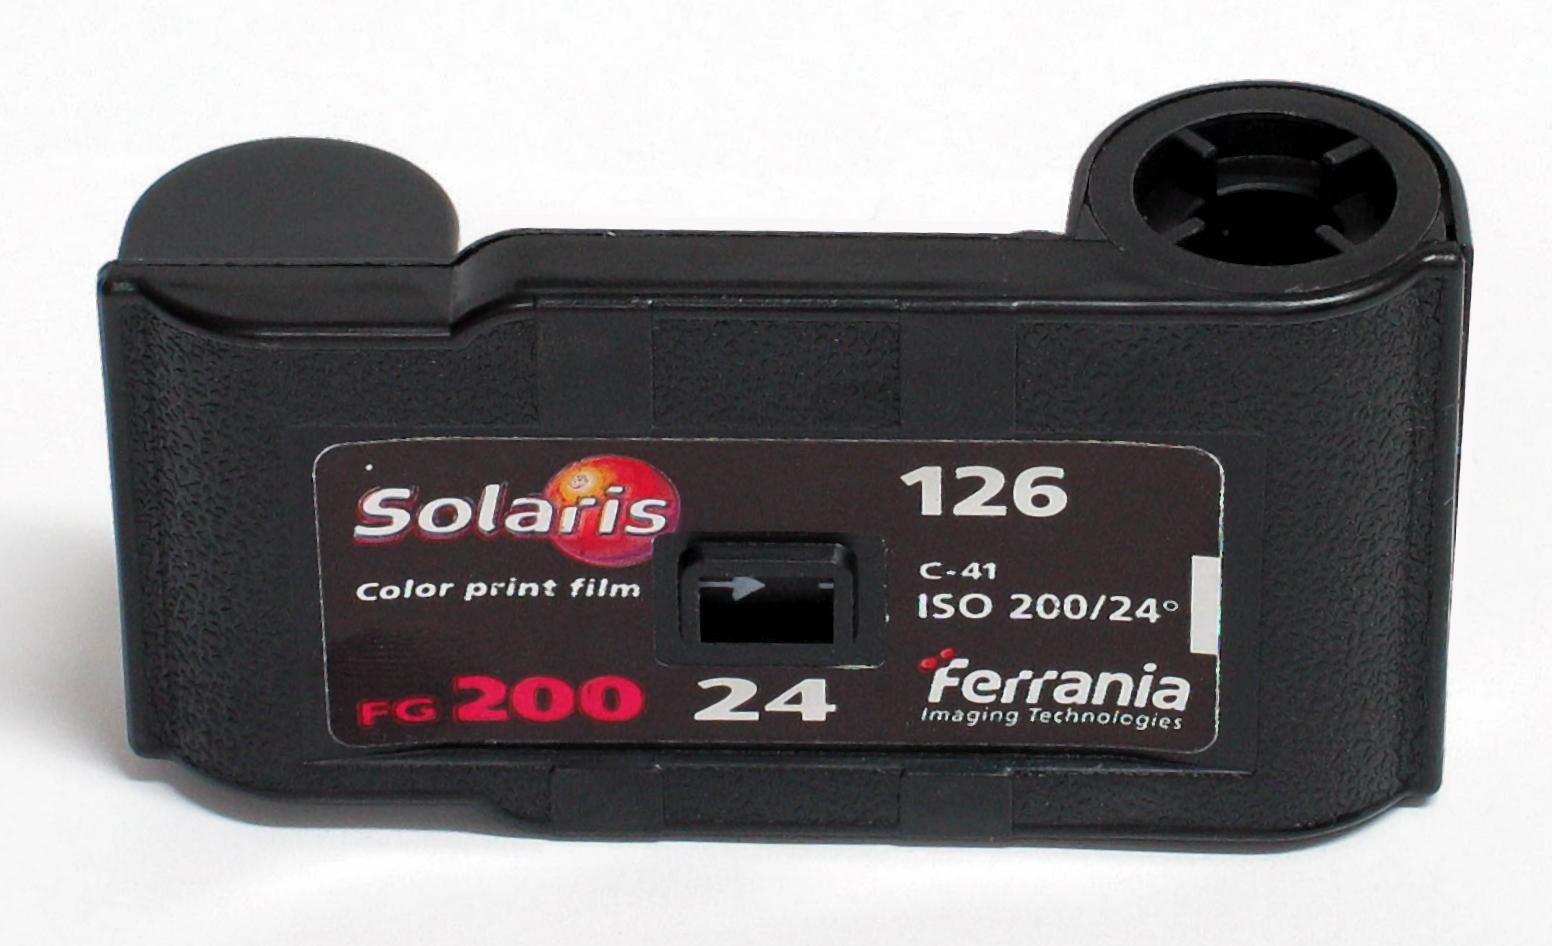 126 film - Wikipedia